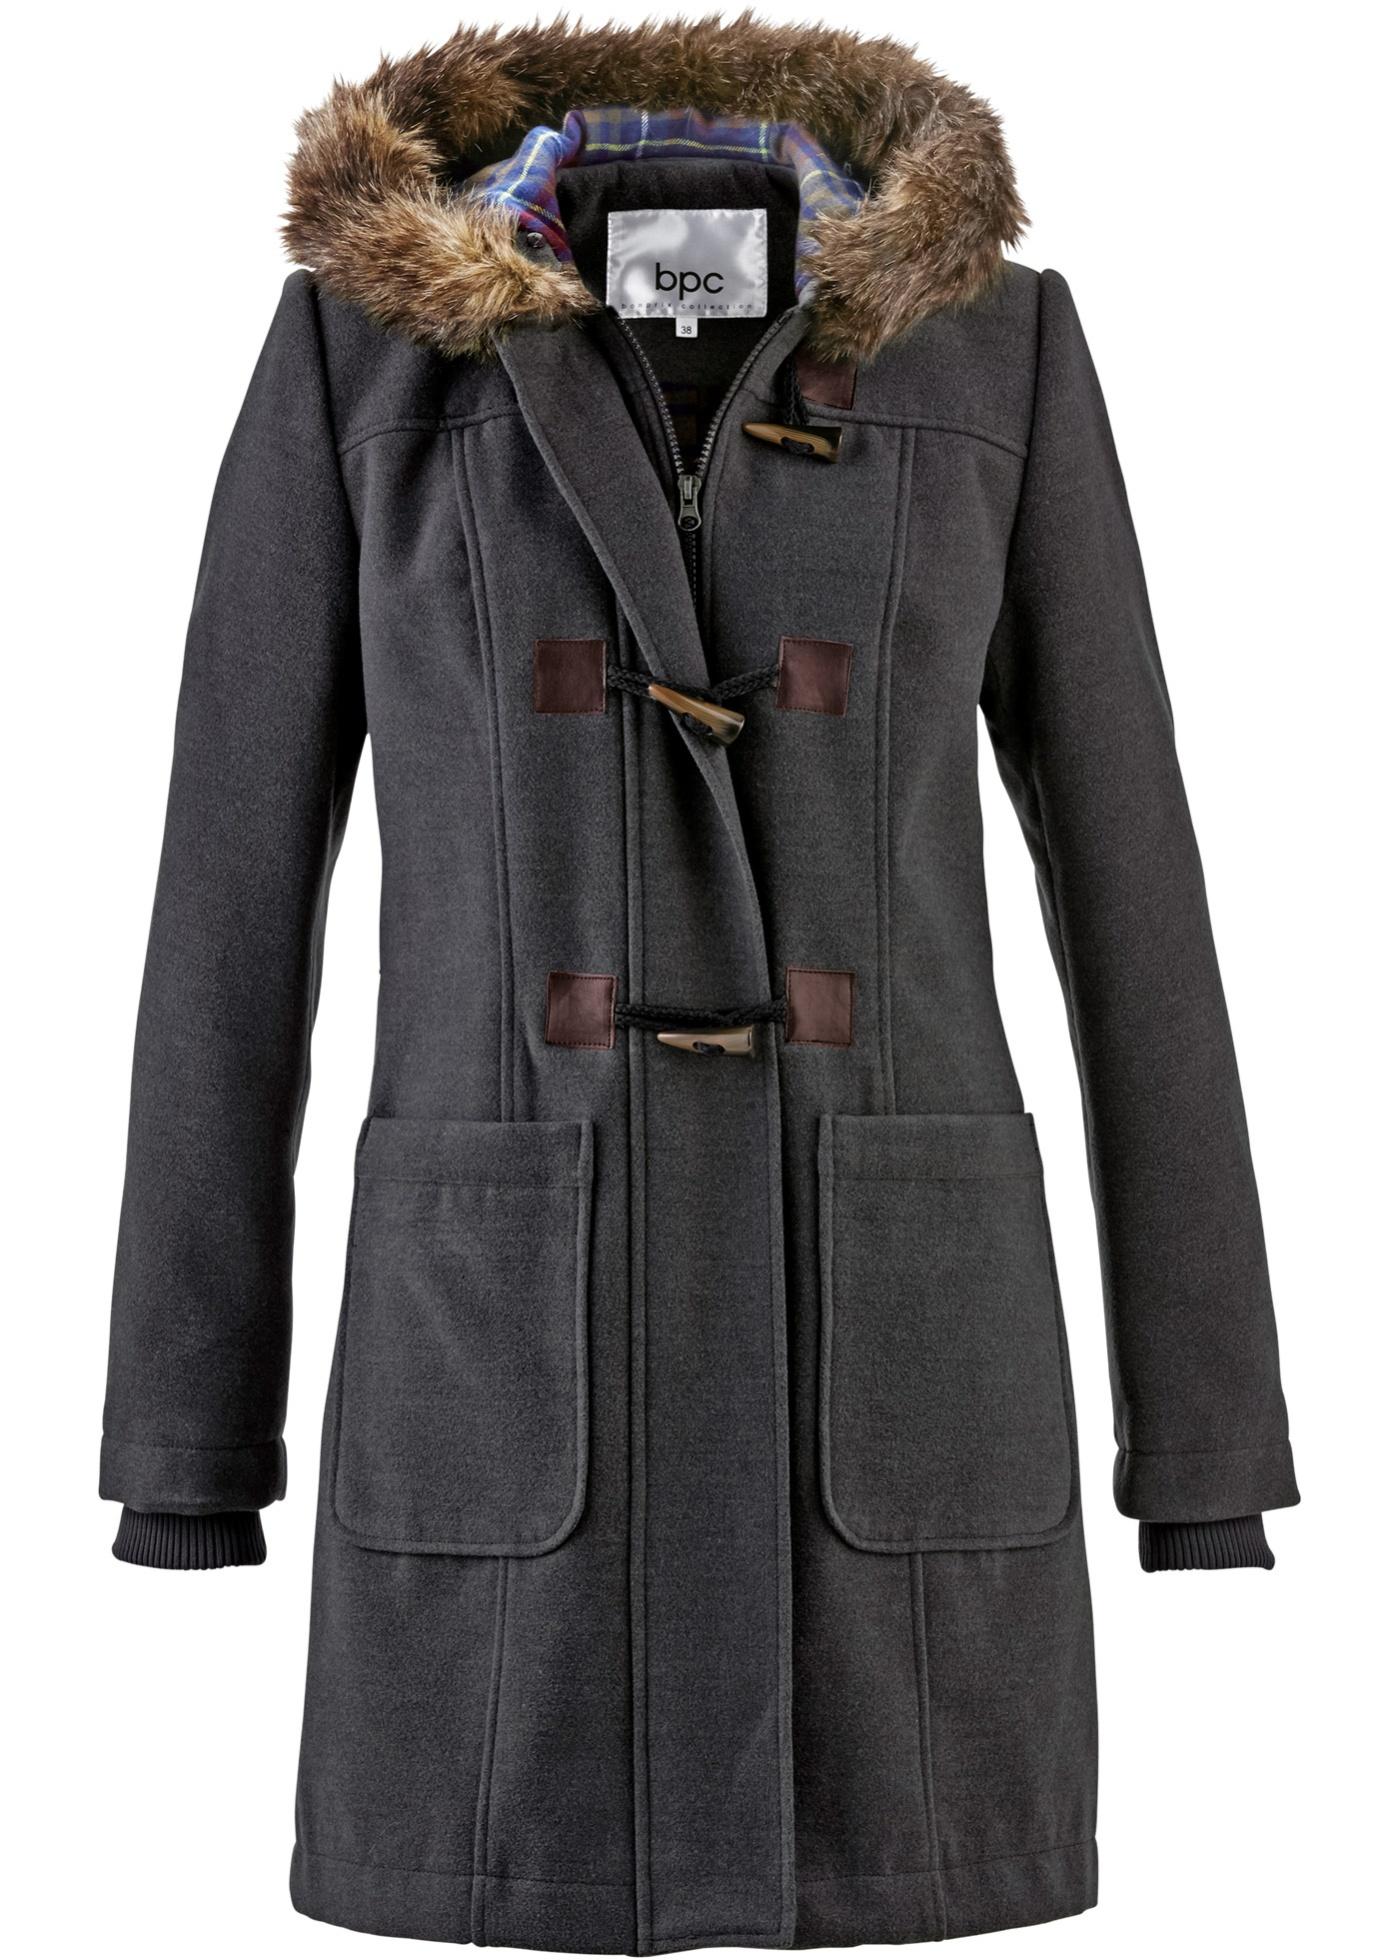 Bpc Pour À Femme Manches coat Longues CollectionDuffel Gris Bonprix Capuche OkNw0ZnPX8